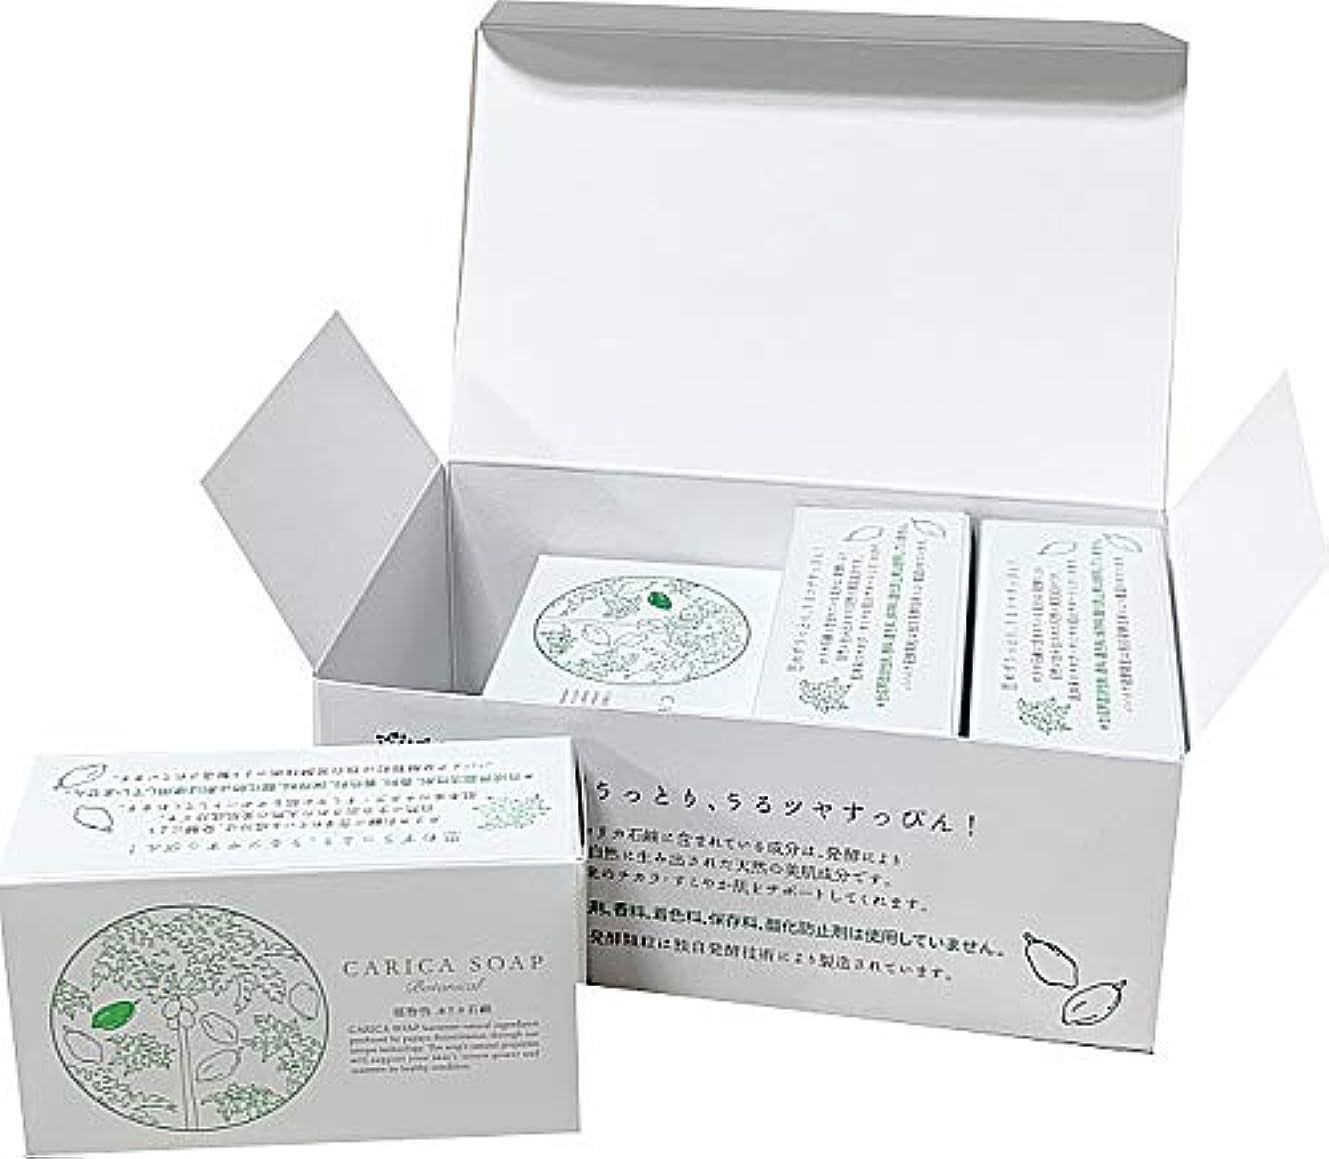 信じるサーバント予定植物性カリカ石鹸100g お得な4個セット(箱入)